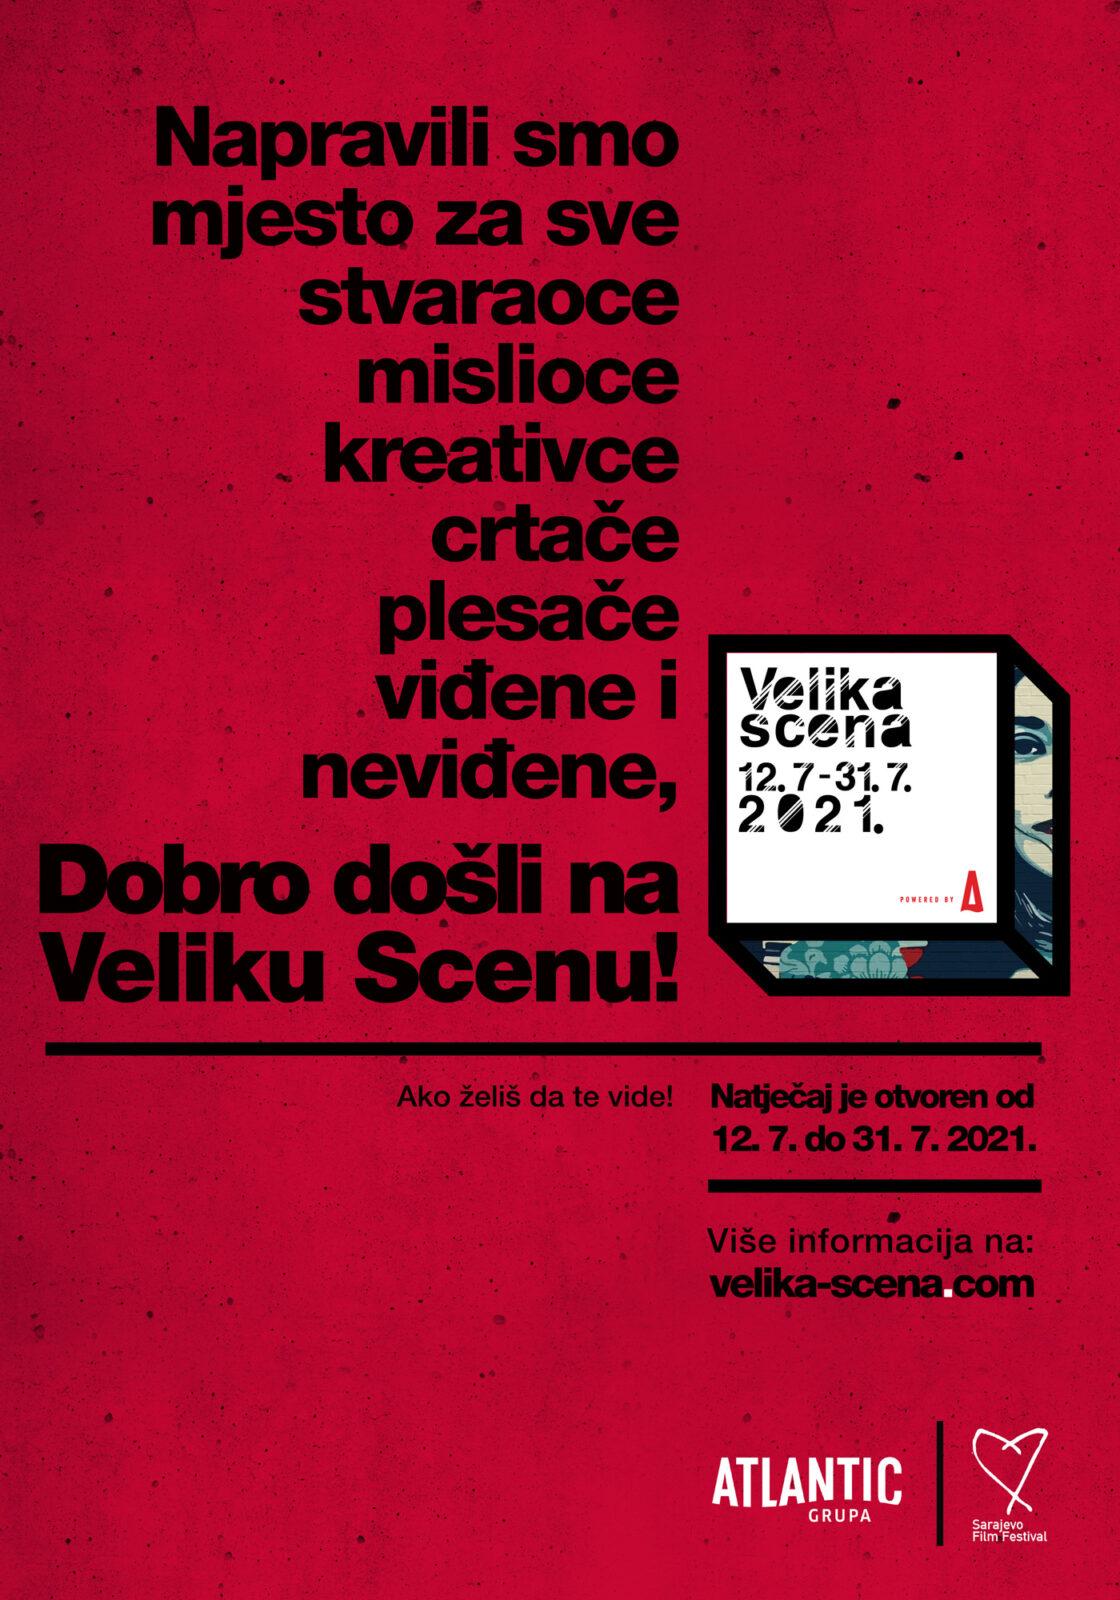 VELIKA-SCENA_manifest-poster-02_CRO